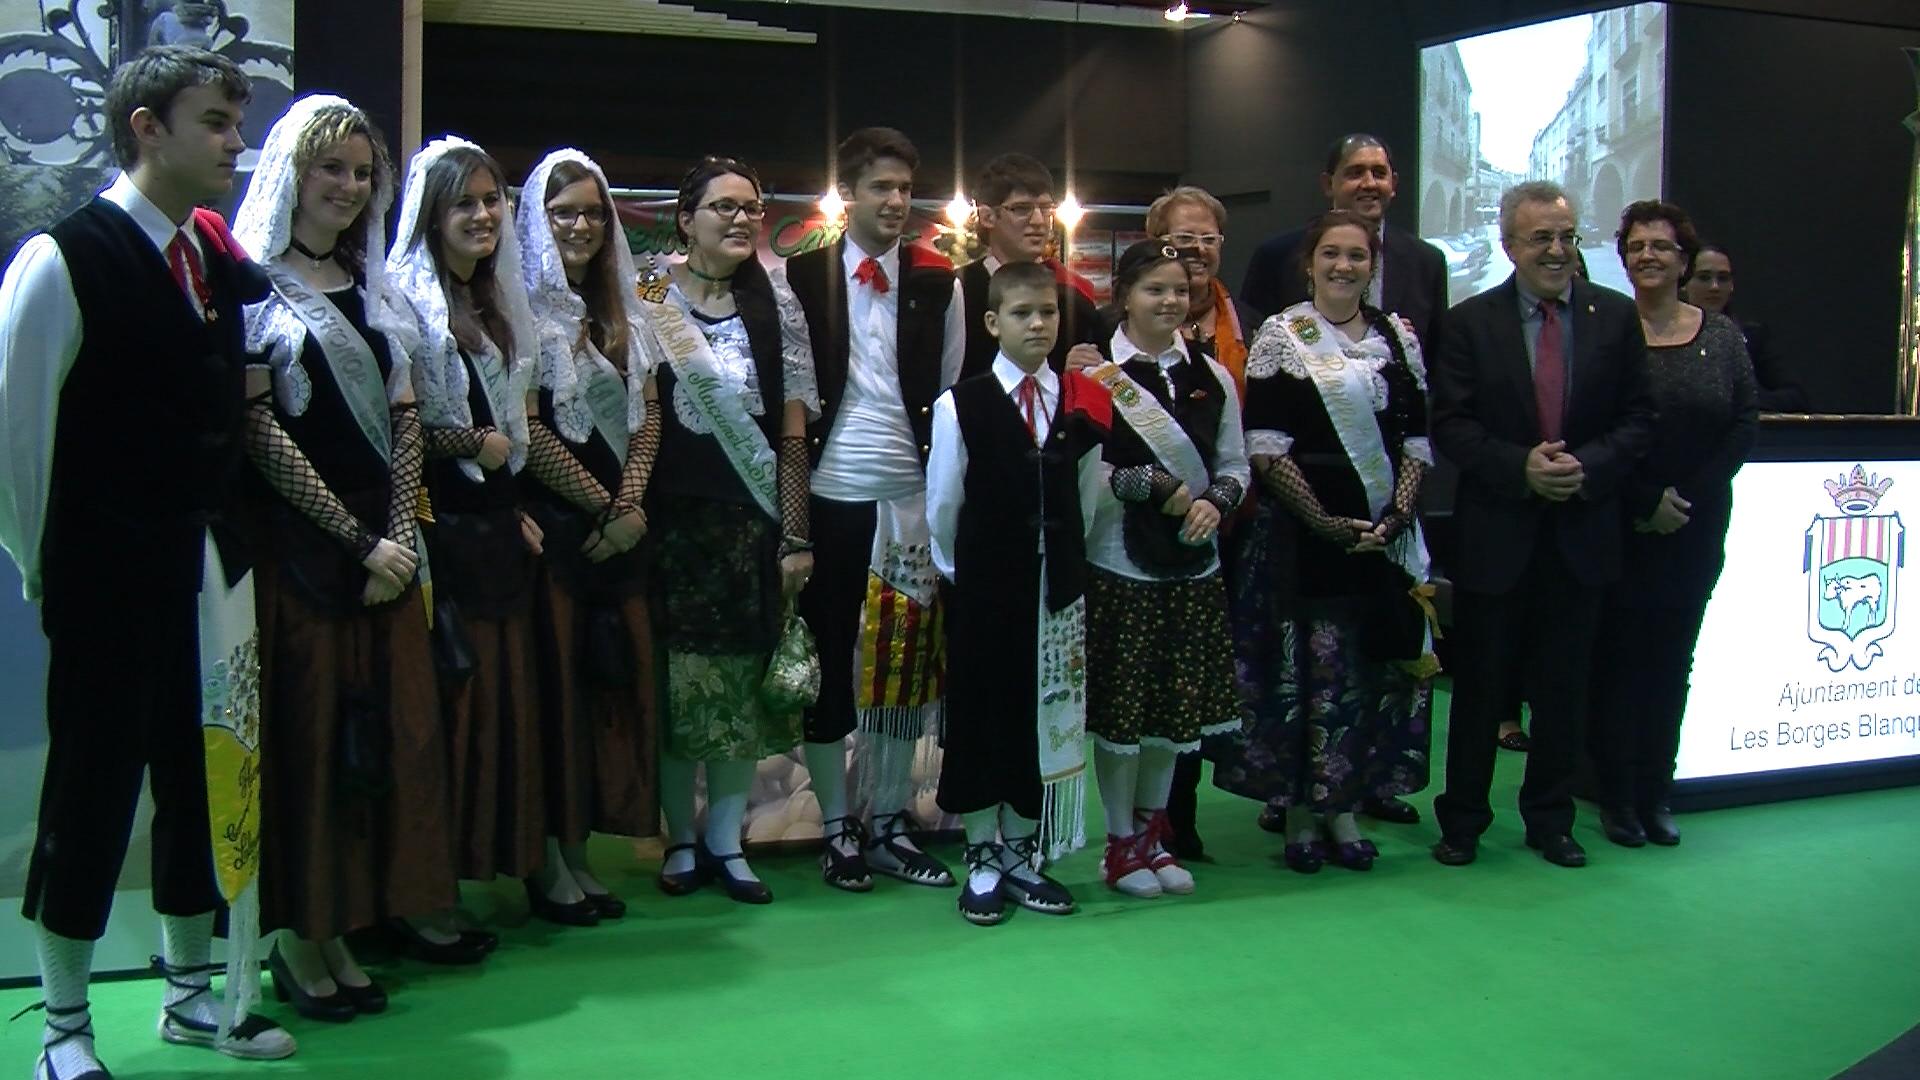 Visita Pubillatge de Catalunya a la Fira